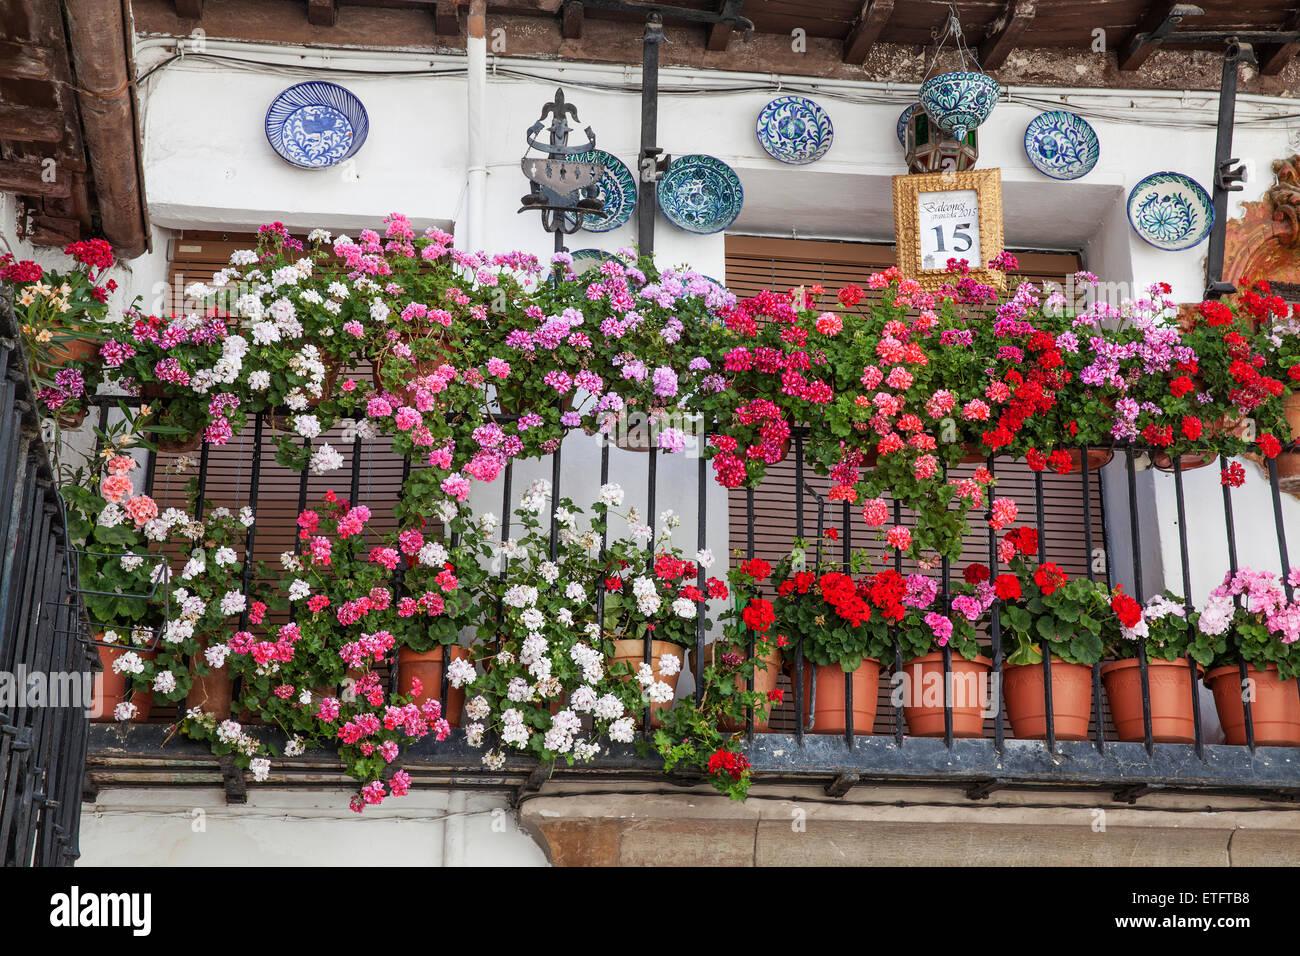 Geranium macetas aparece en el balcón ganador del premio - Granada, Andalucía, España. Imagen De Stock